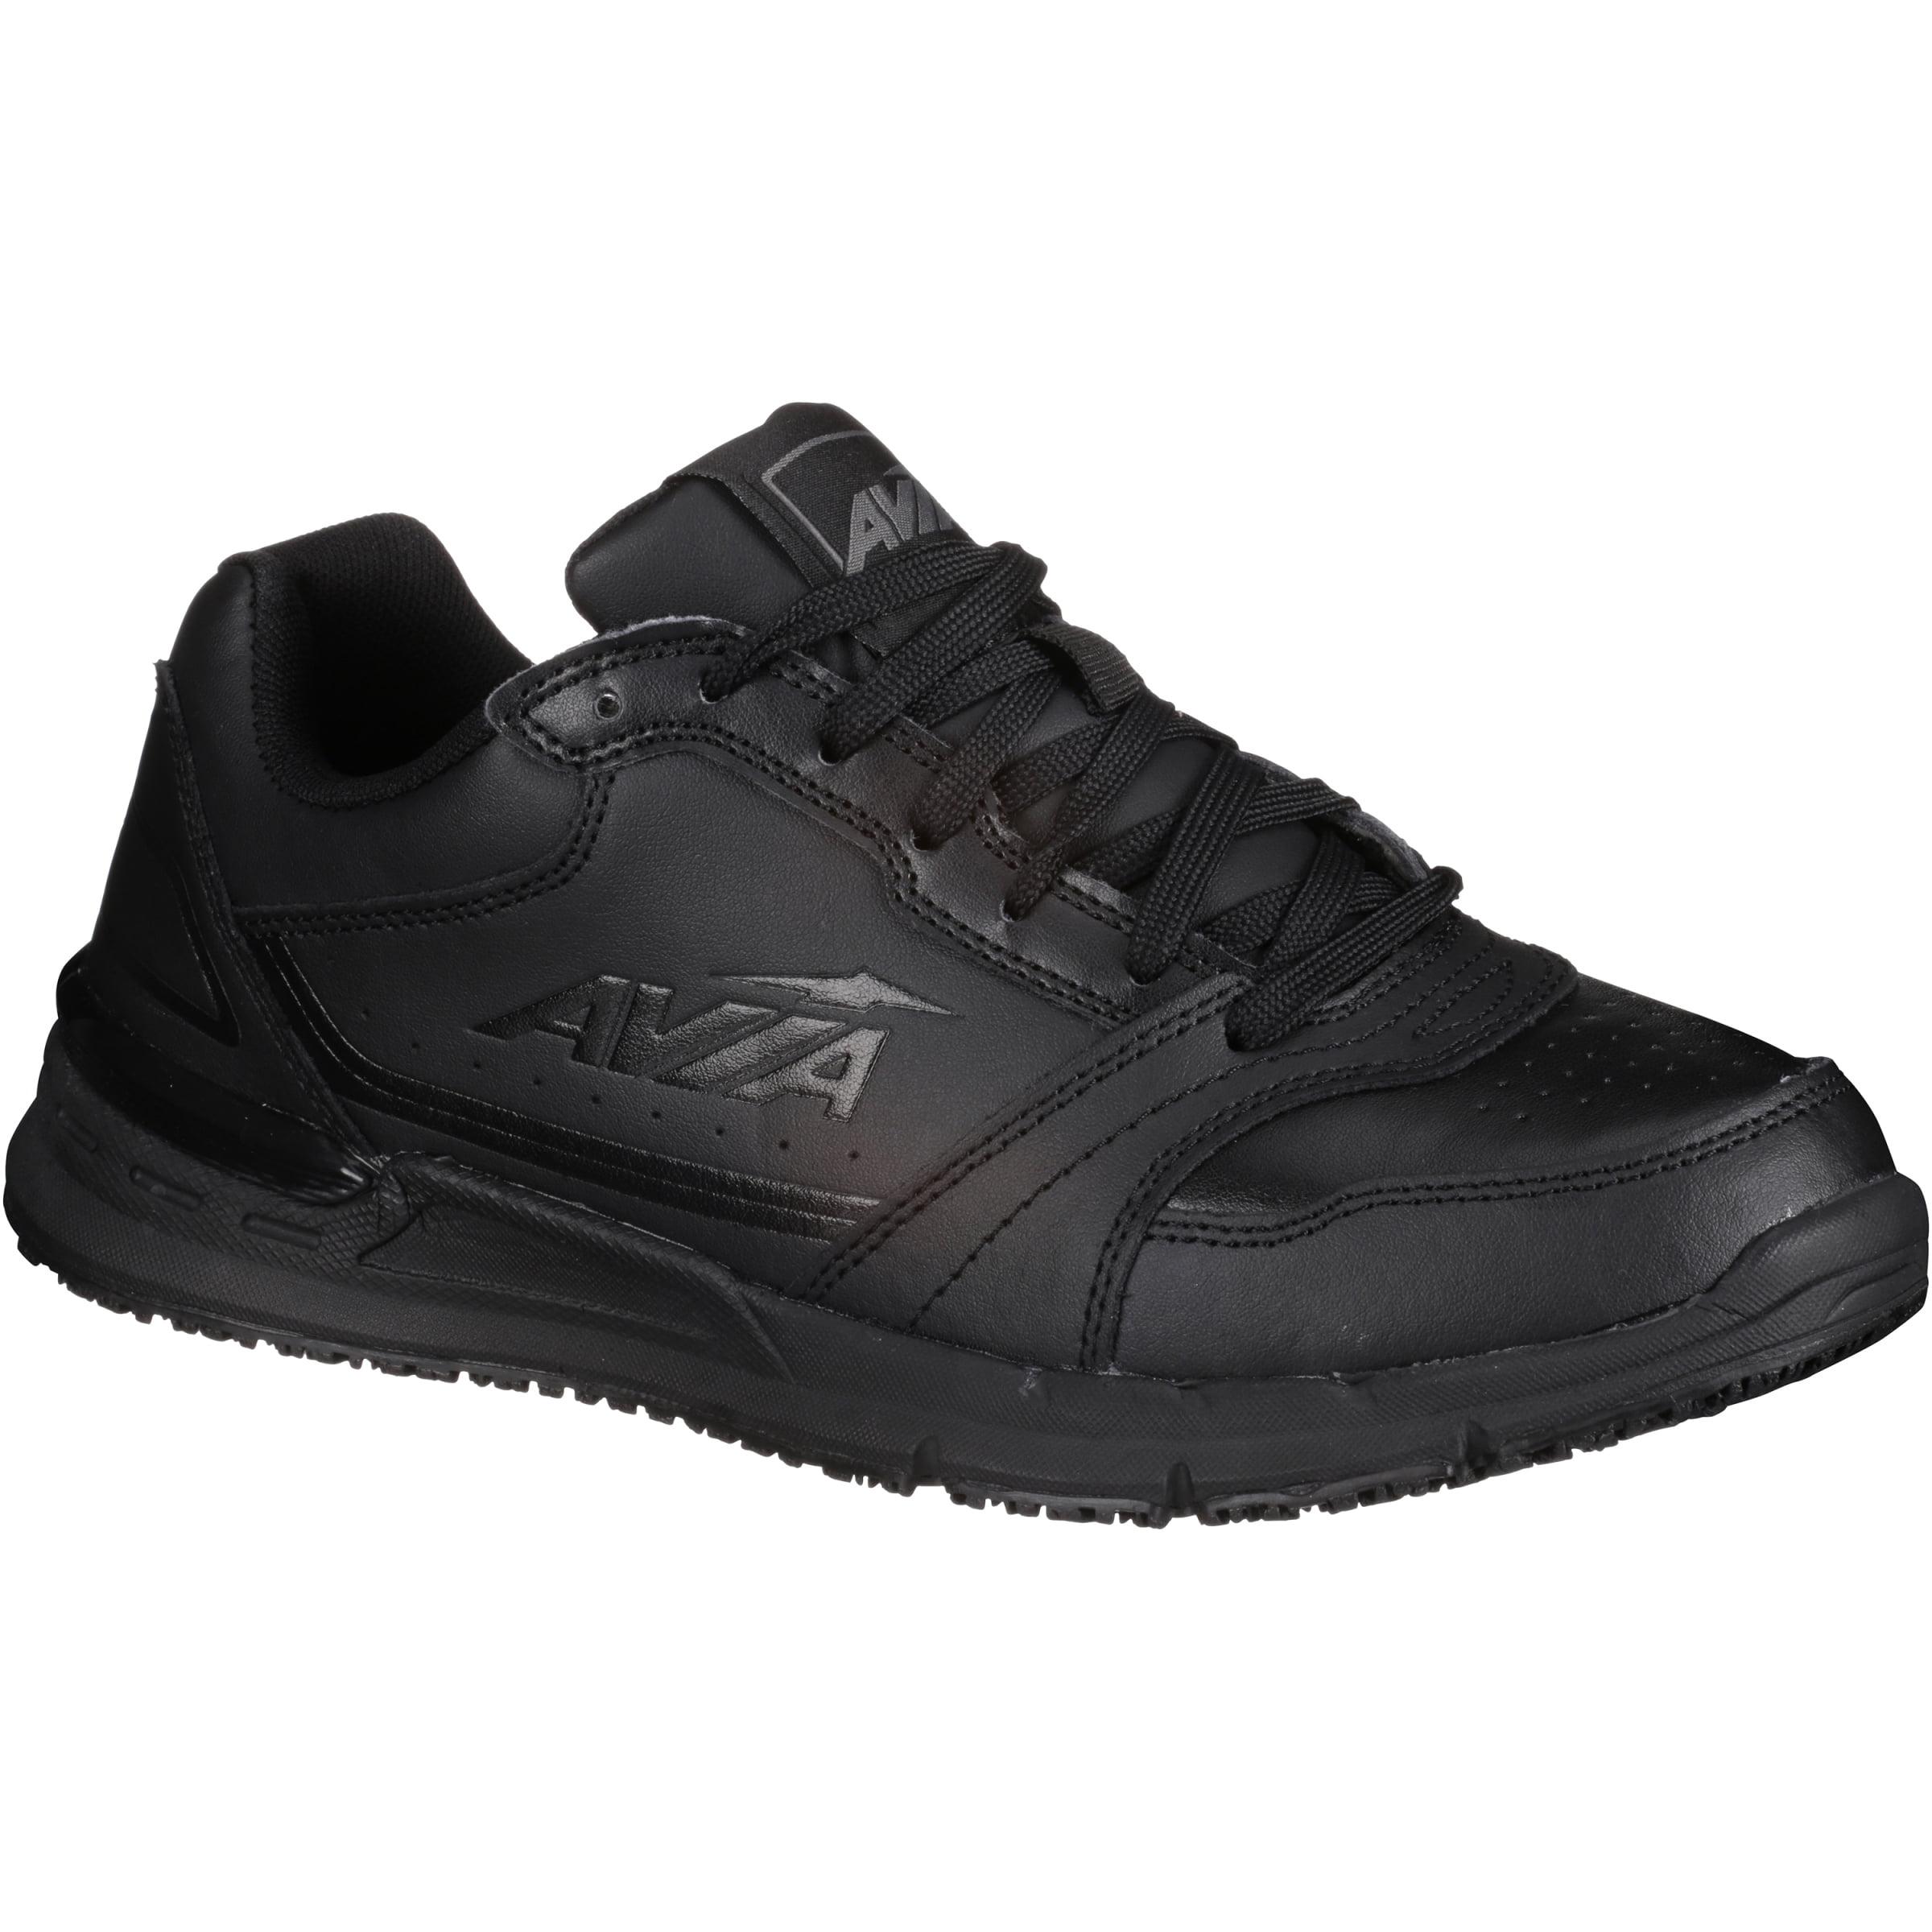 ace1df54492eeb Avia - Avia Men s Tactic Slip-Resistant Athletic Shoes - Walmart.com